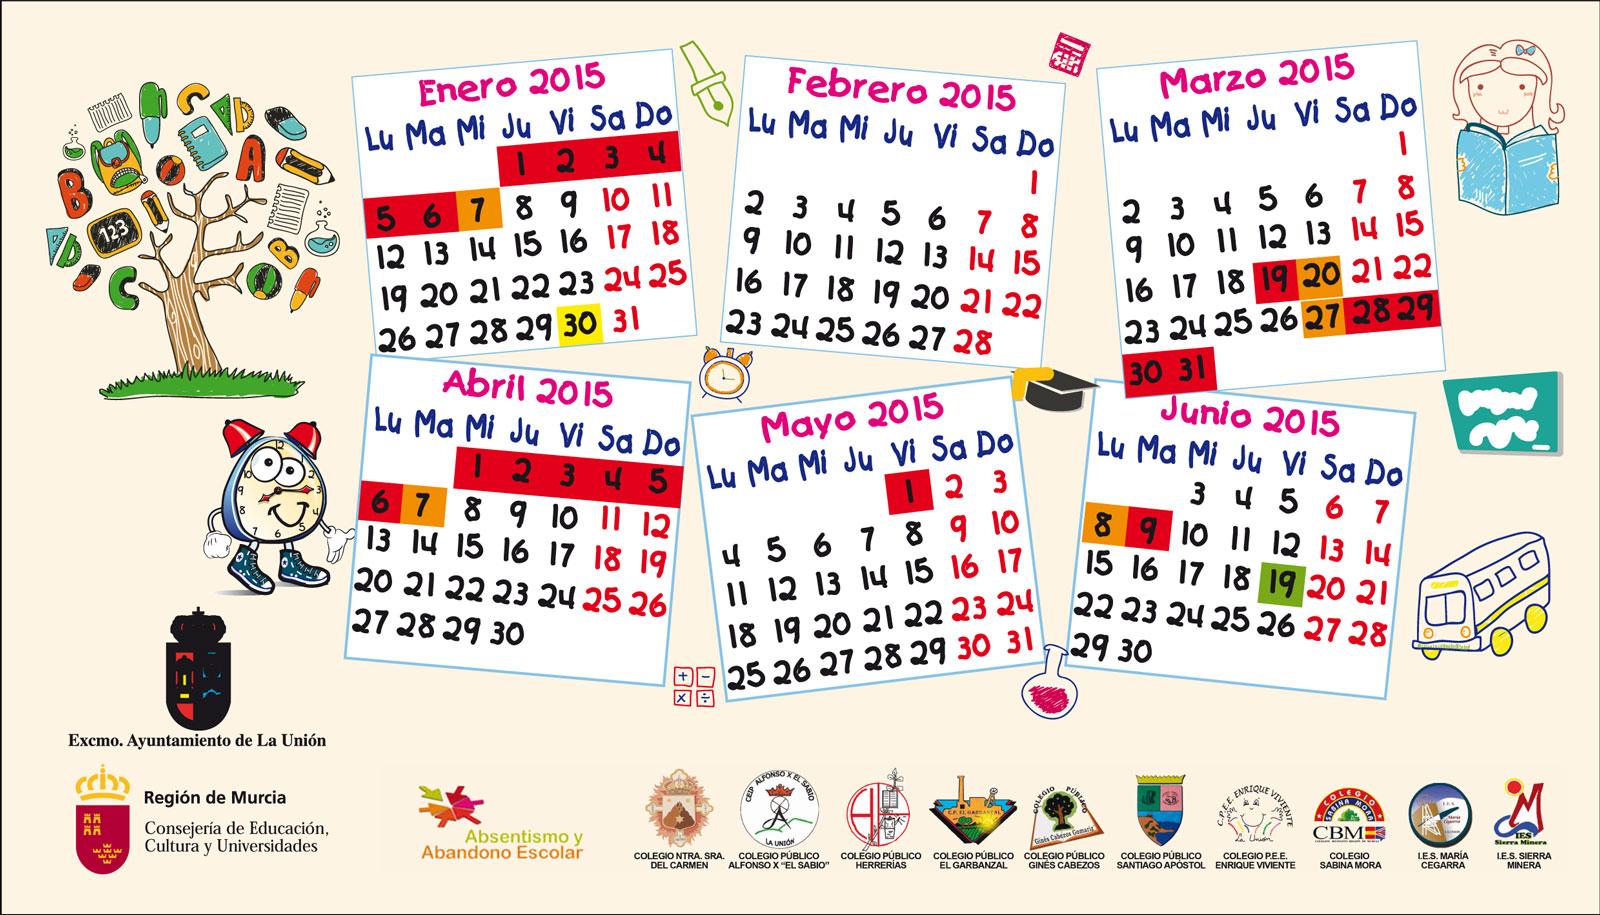 Calendario-Escolar-2014 | Excmo. Ayuntamiento de La Unión